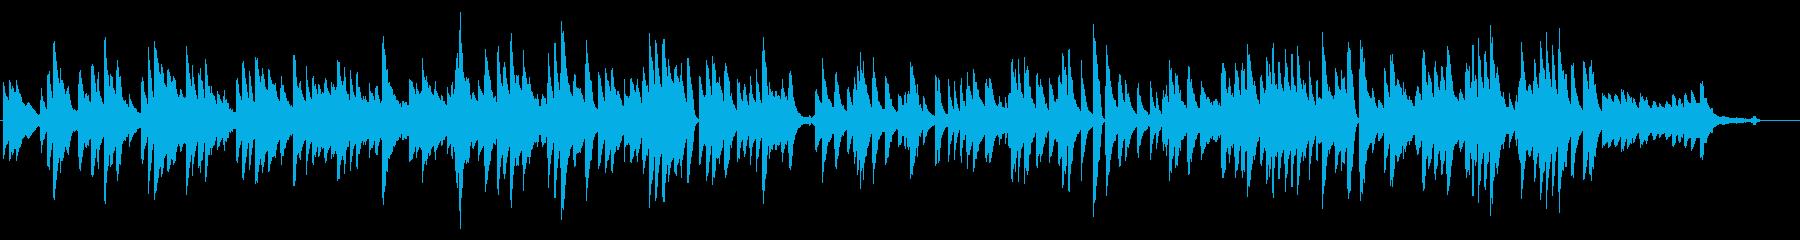 卒業・落ち着いたヒーリング系ピアノソロ曲の再生済みの波形